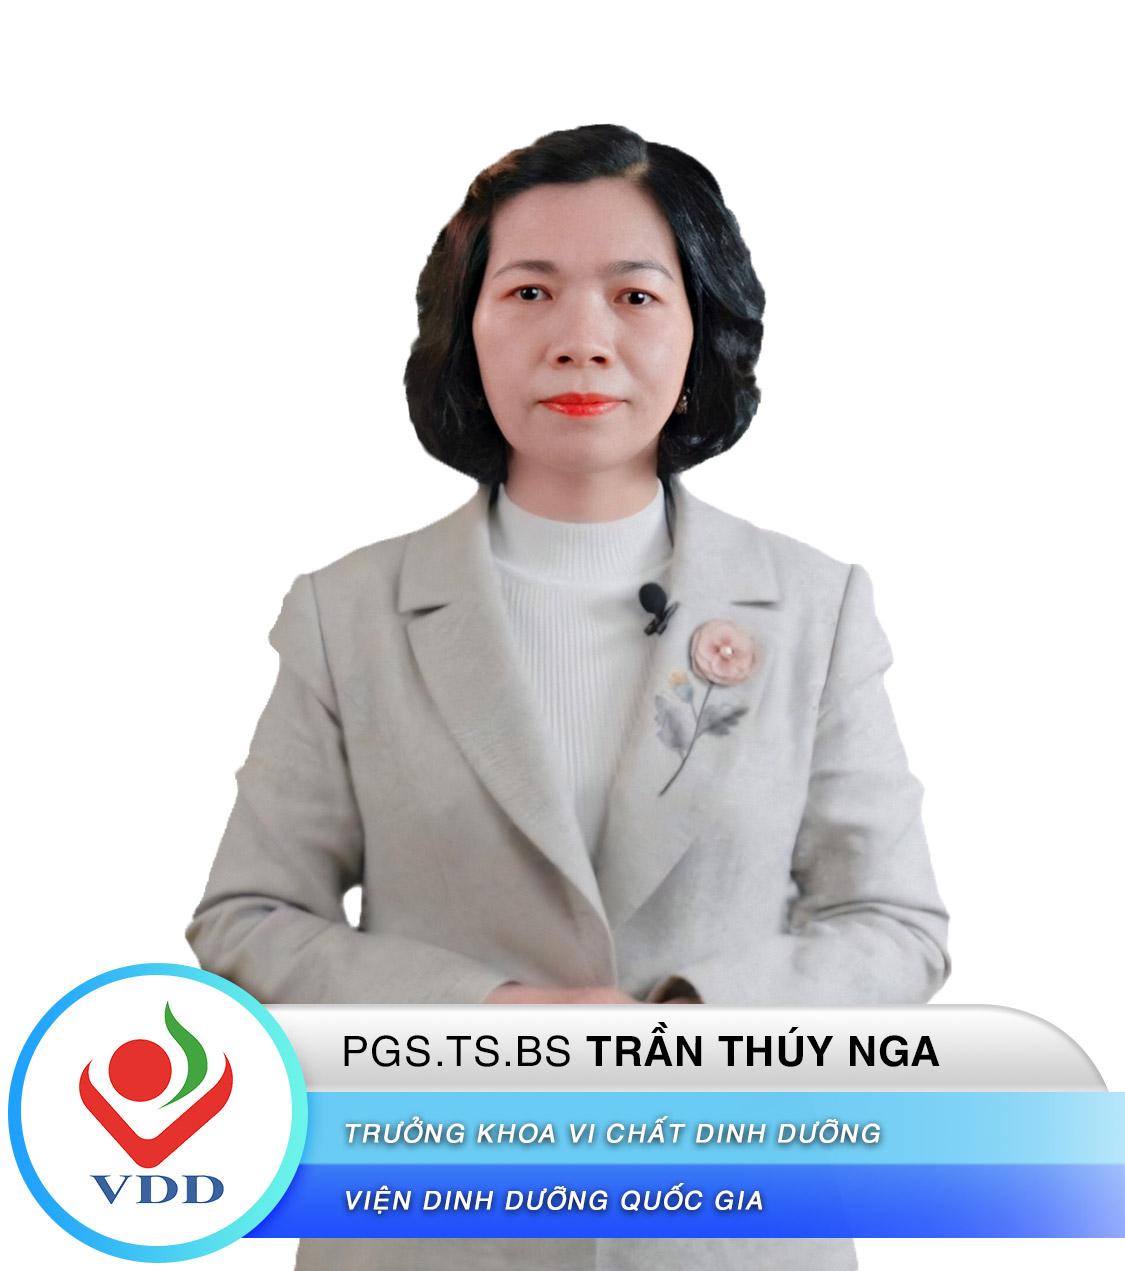 13. Trần Thúy Nga